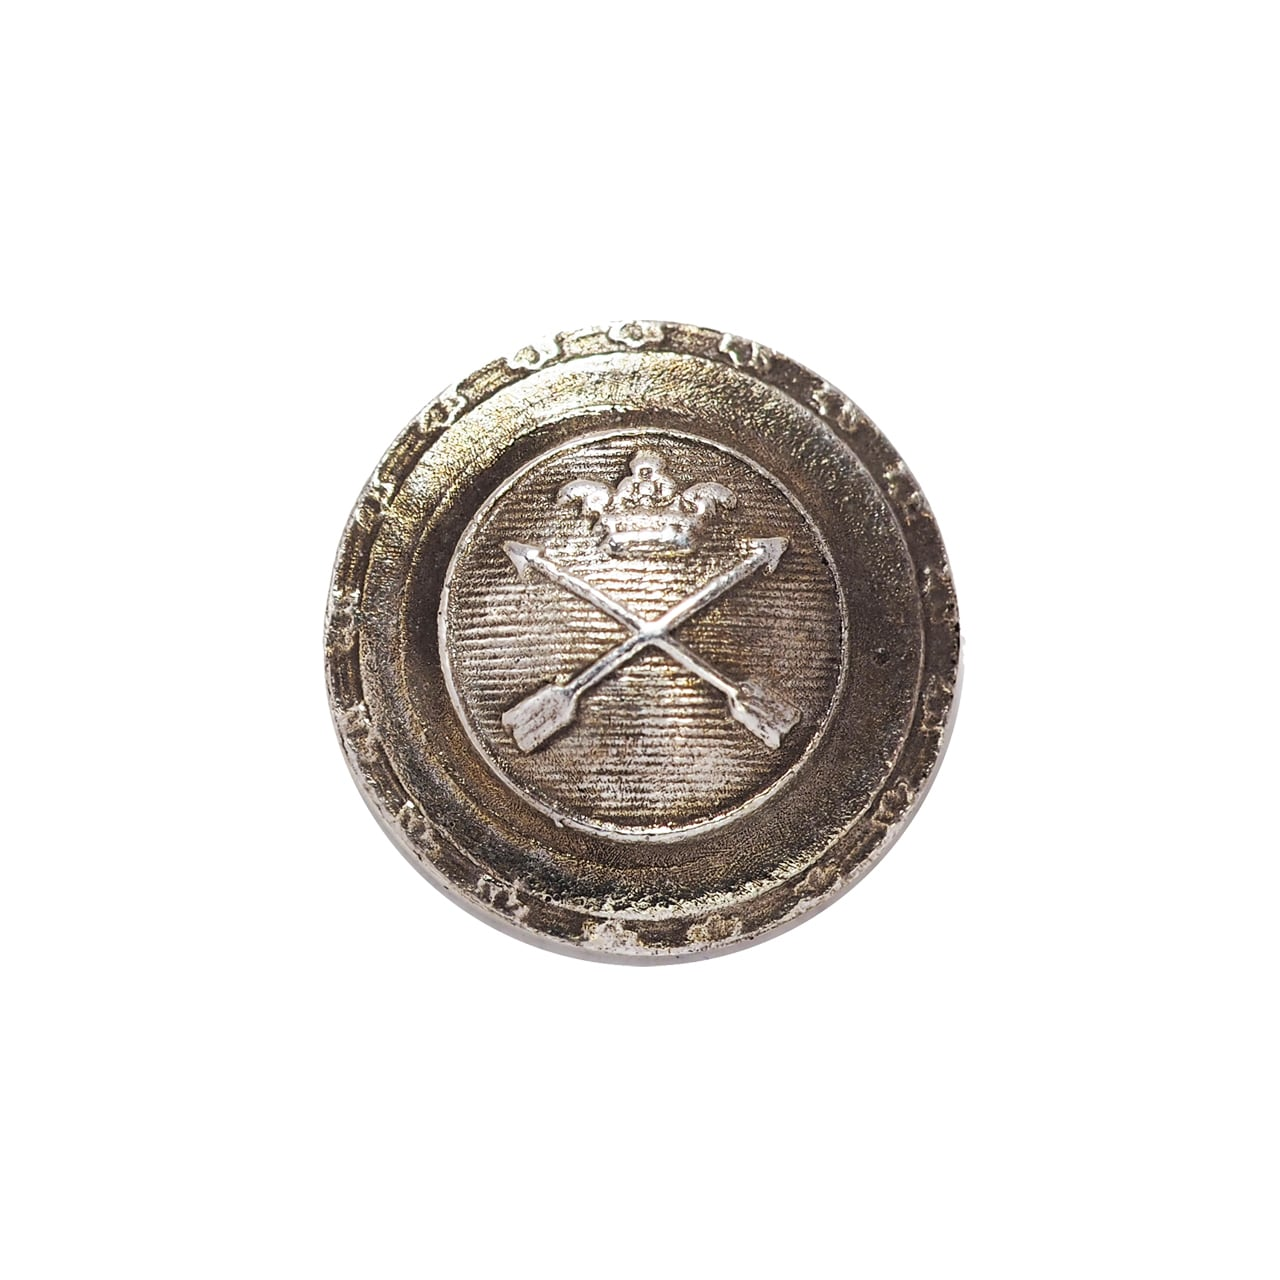 サークルクラウンアロー SS シルバー / コンチョボタン